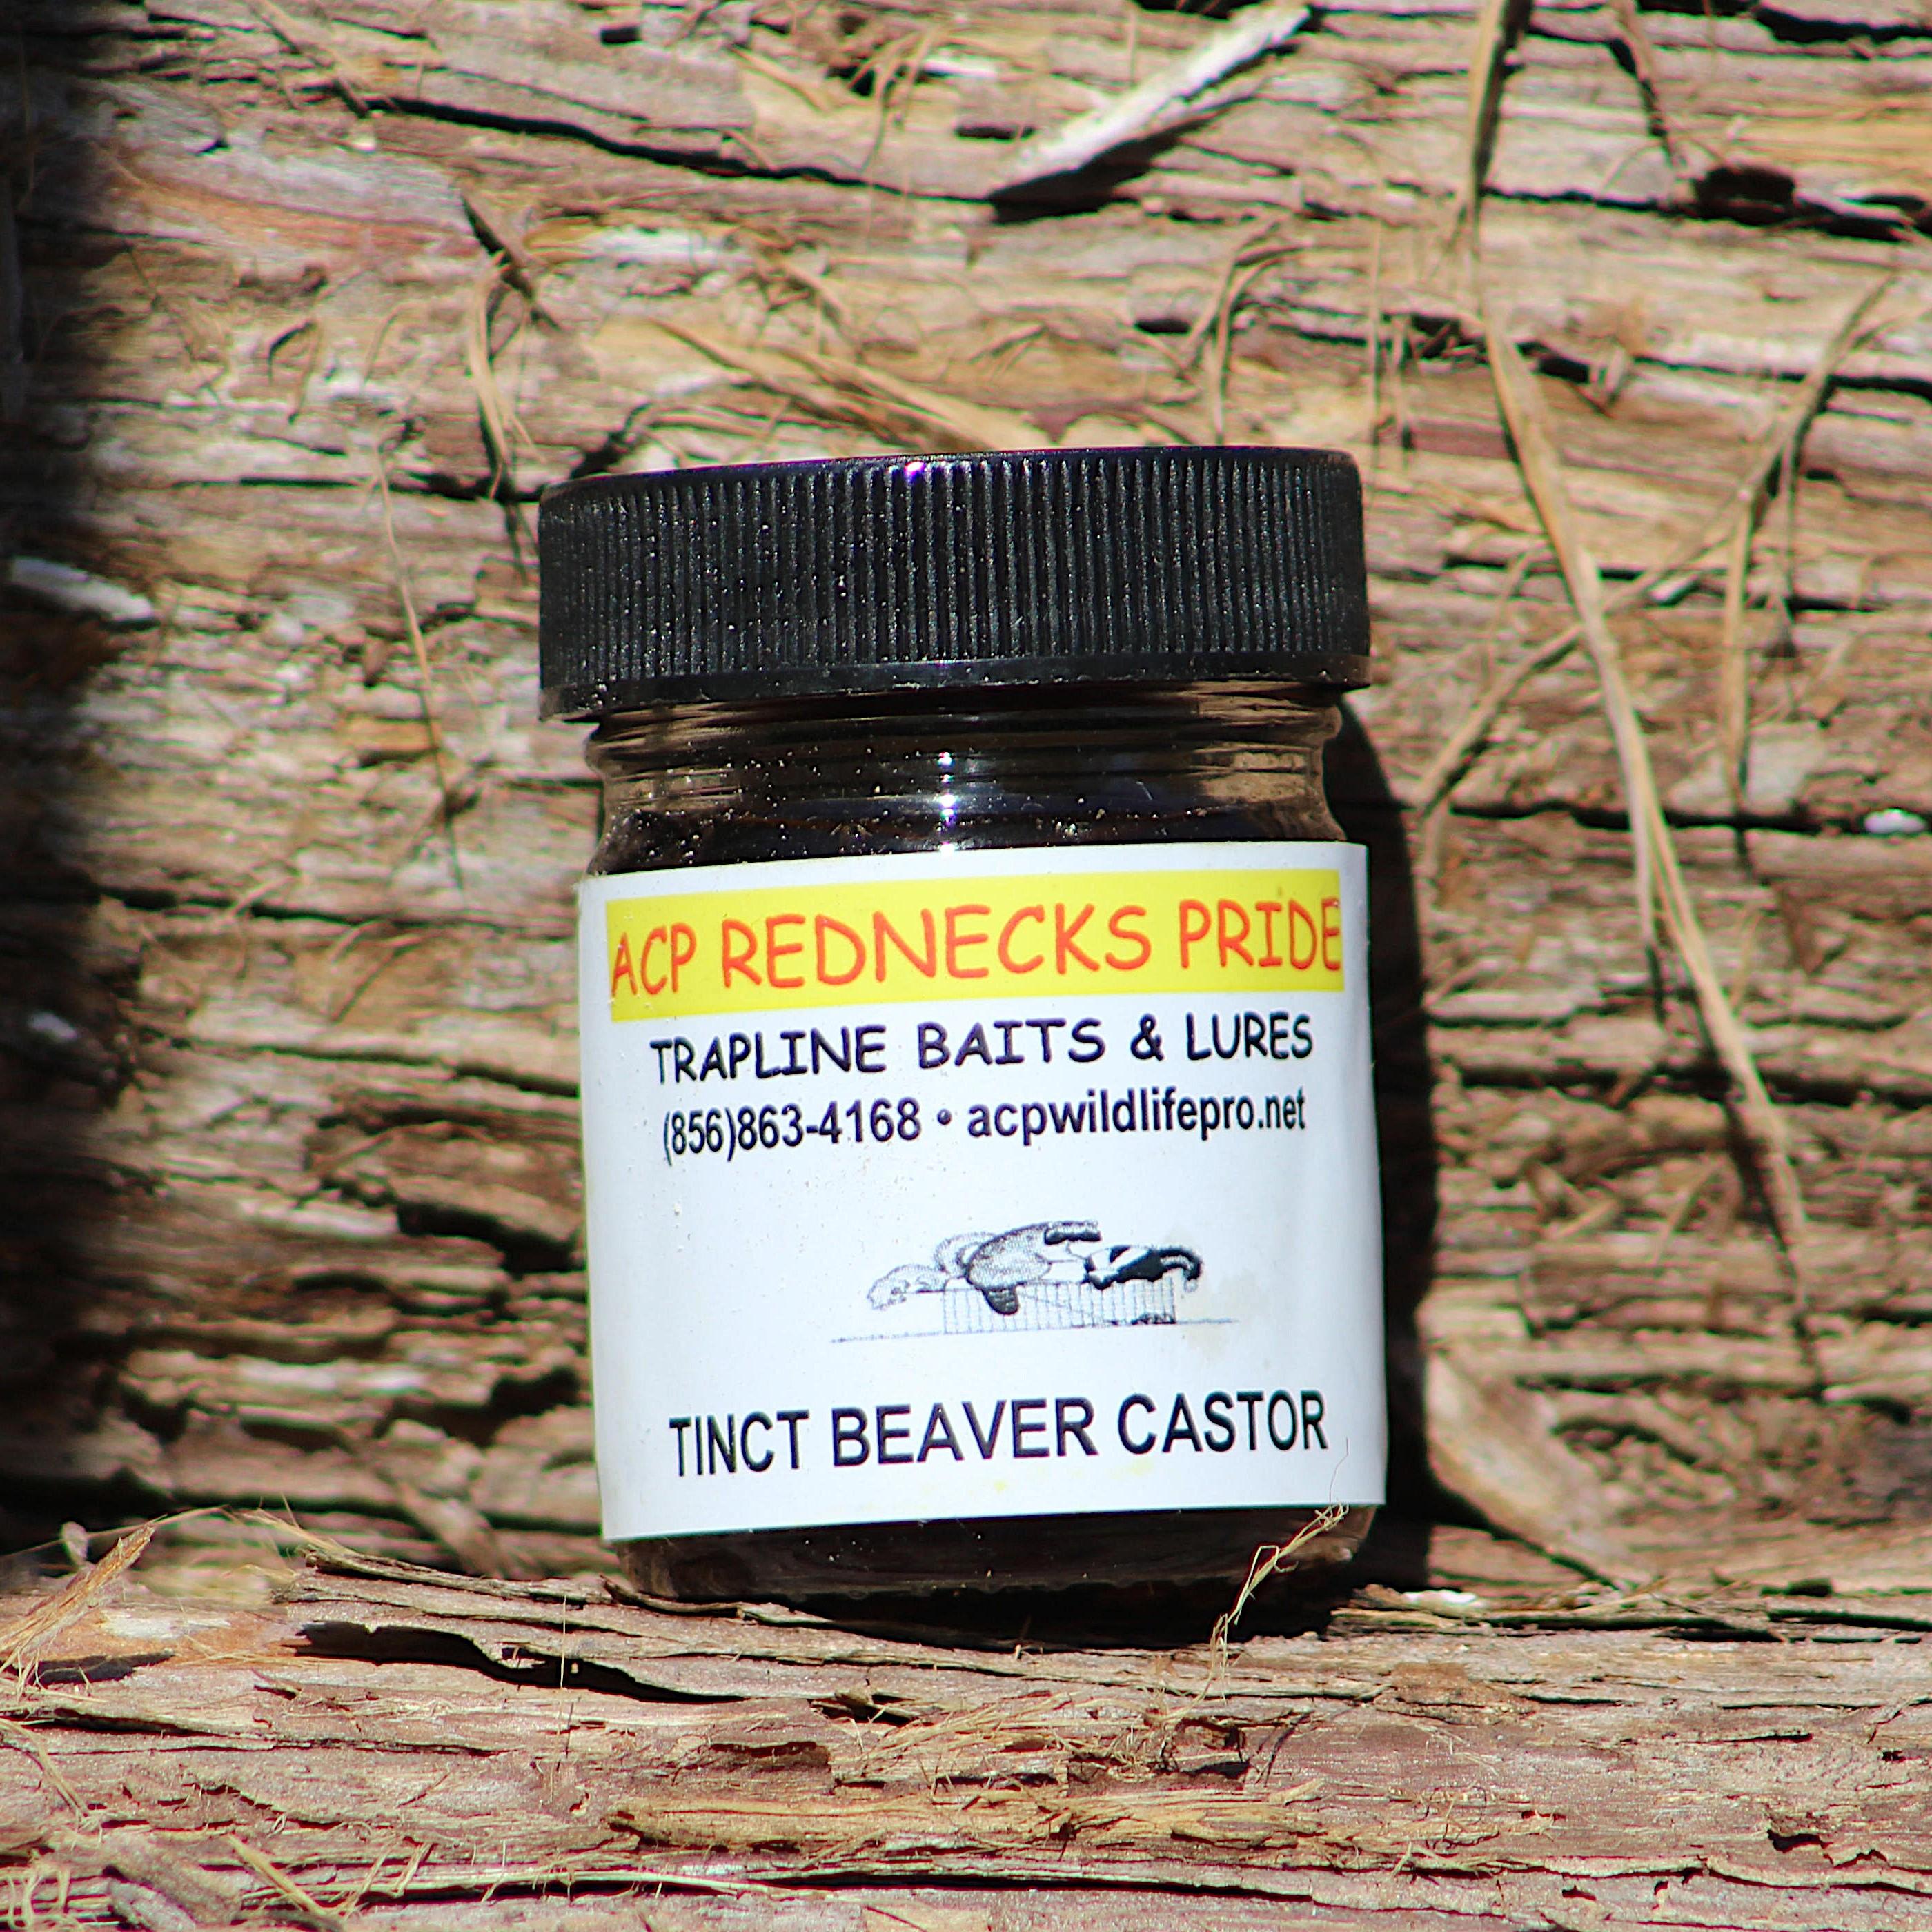 Tinct Beaver Castor